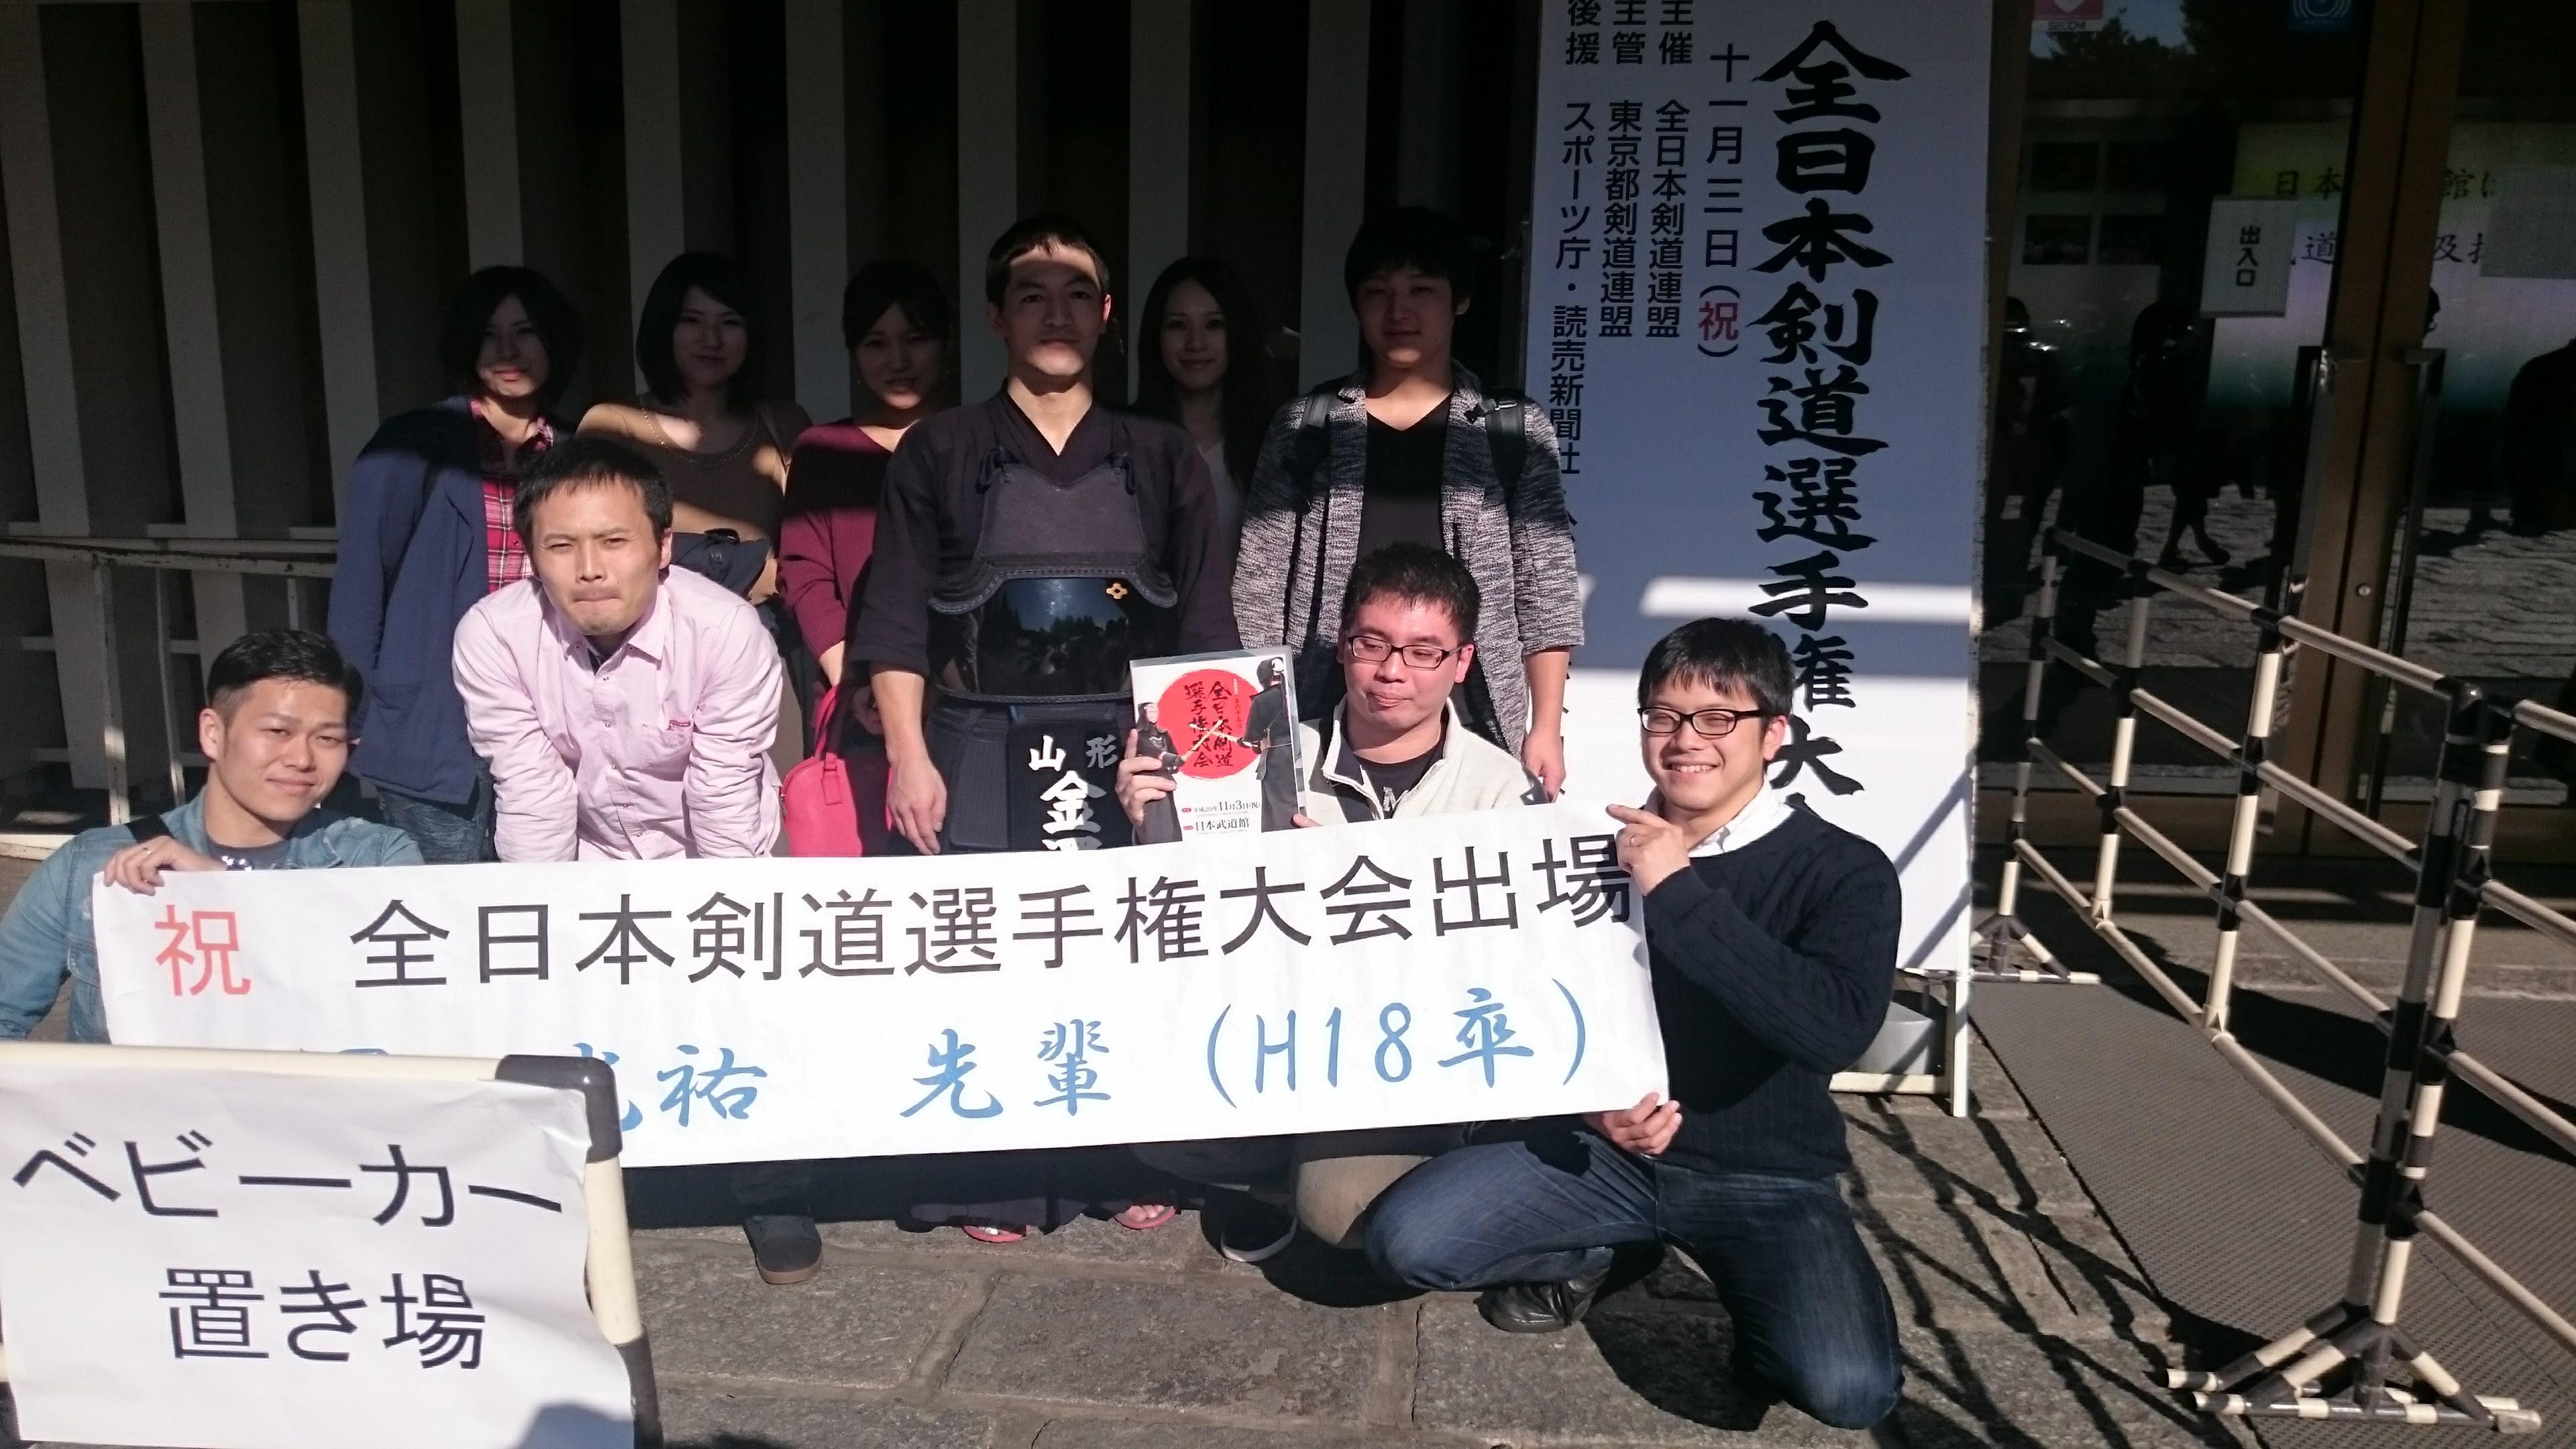 第65回全日本剣道選手権大会